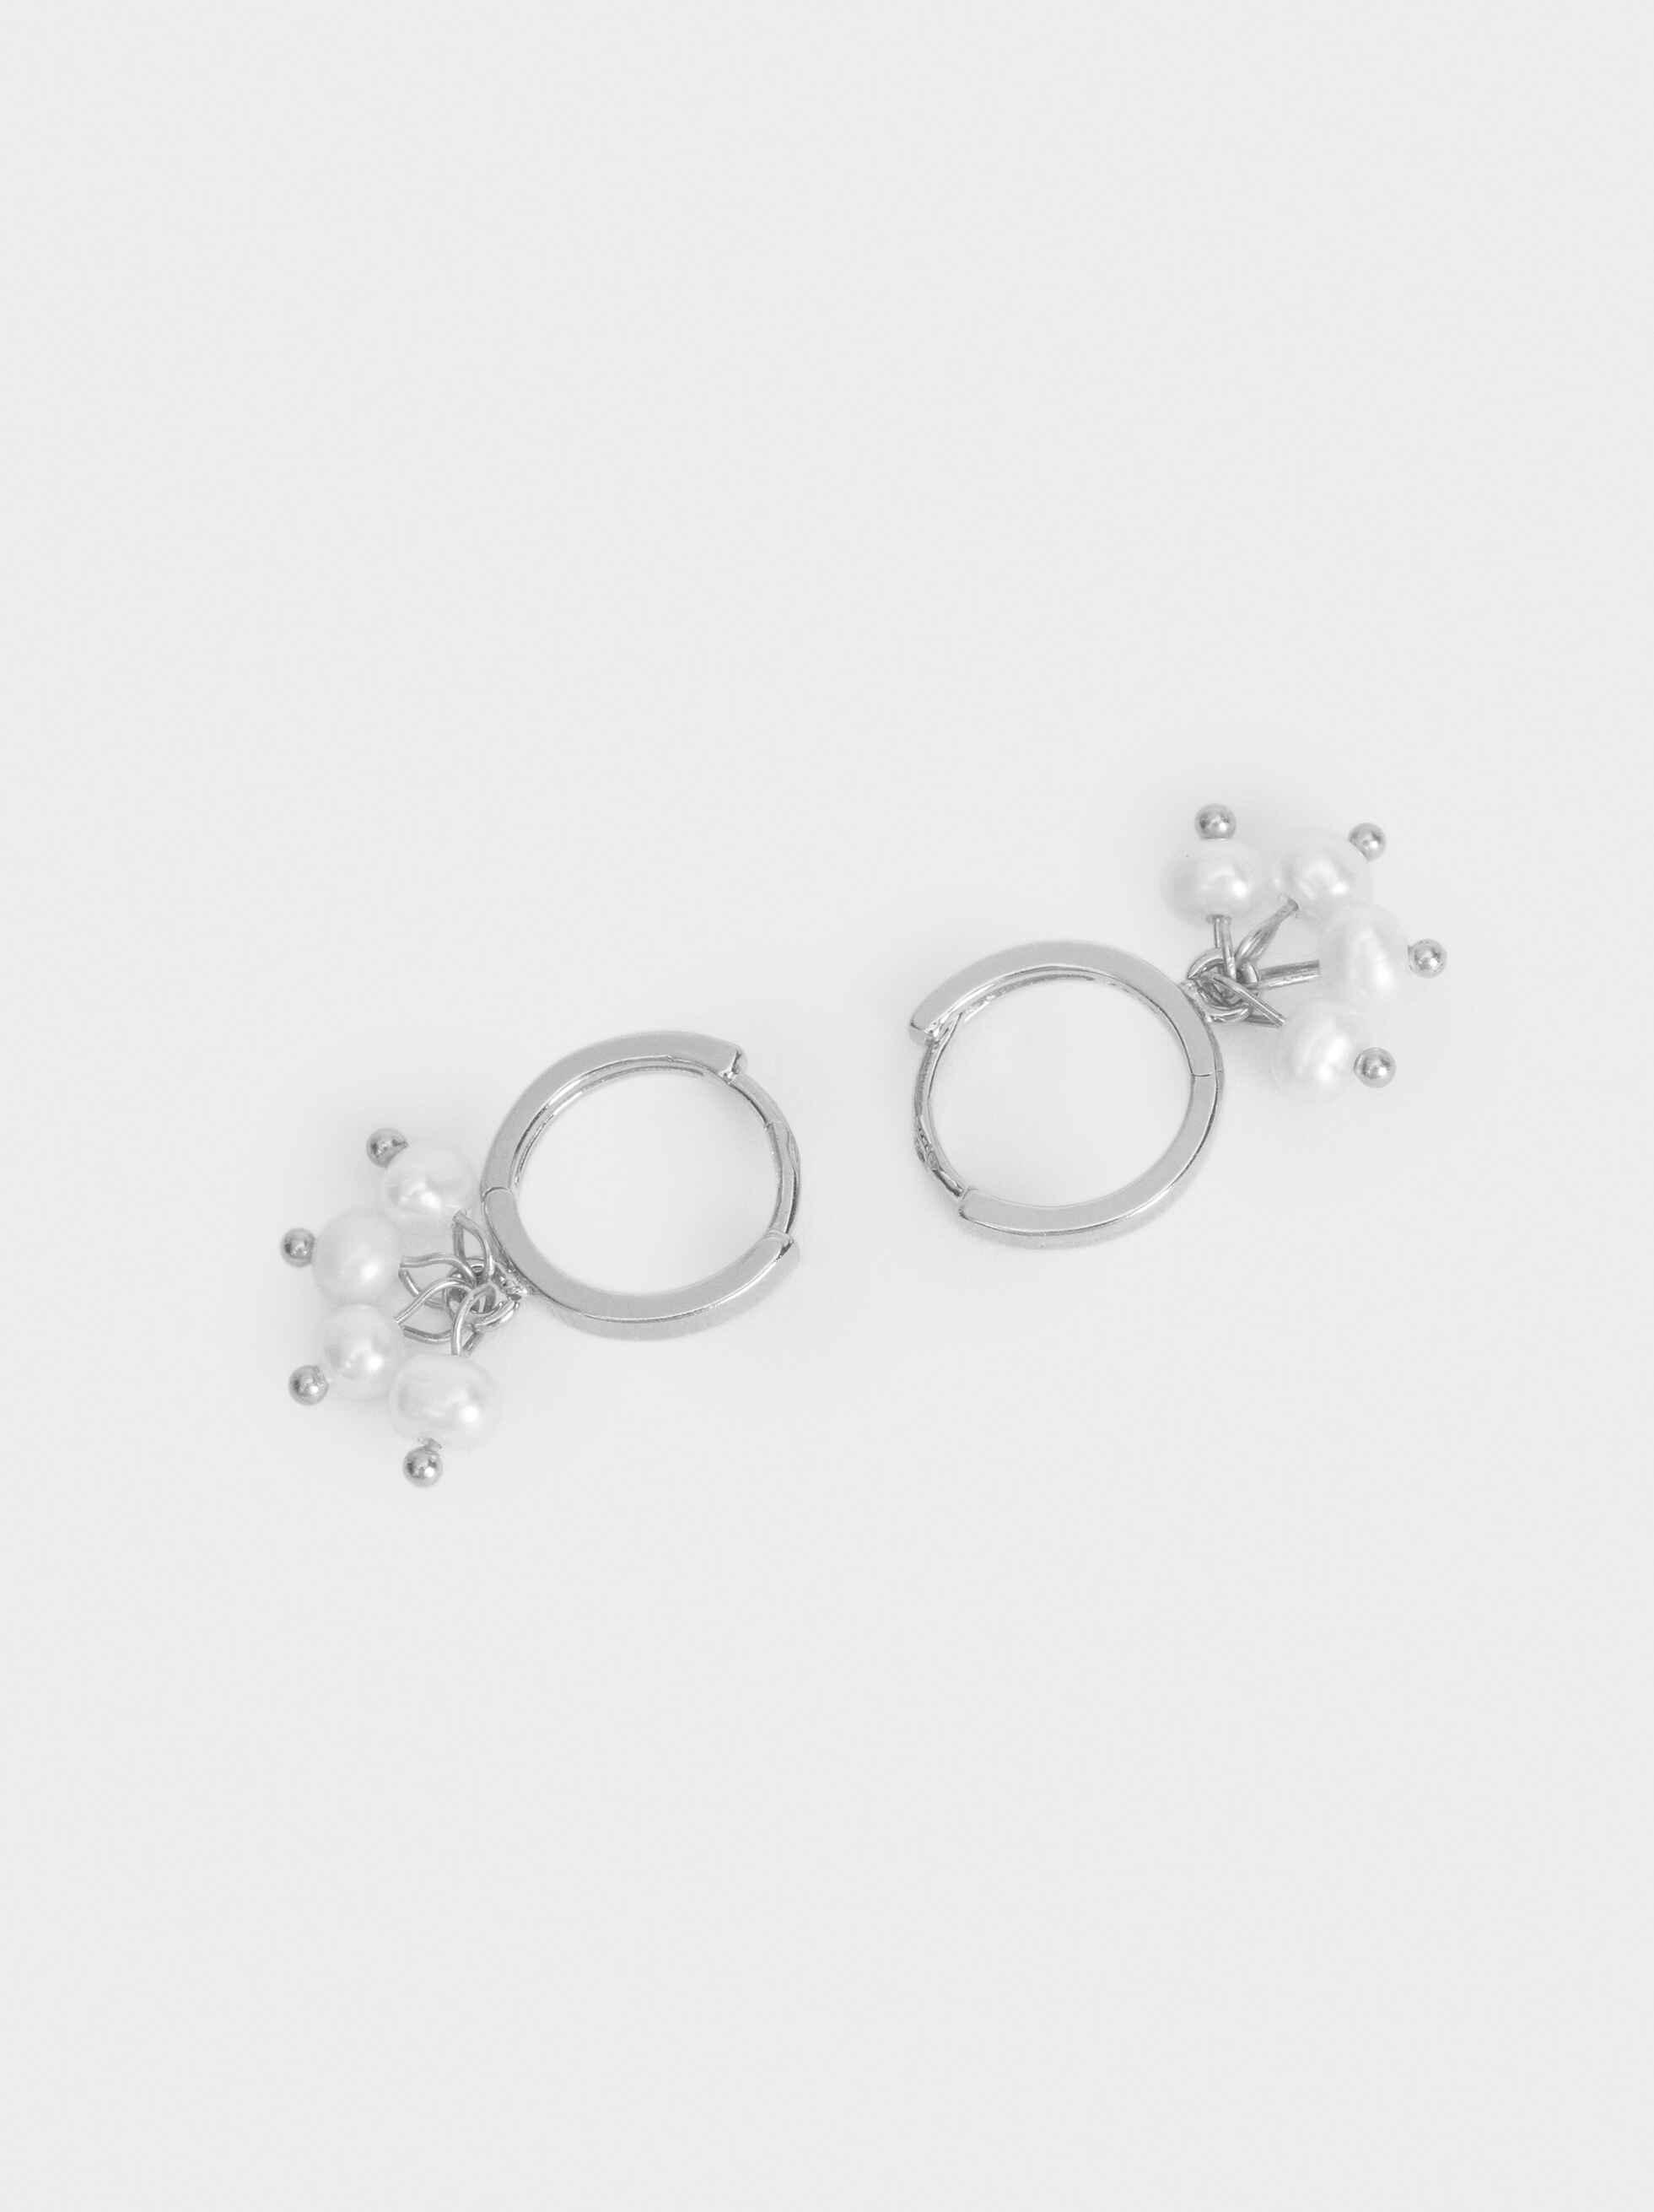 925 Silver Balls Hoop Earrings, Beige, hi-res